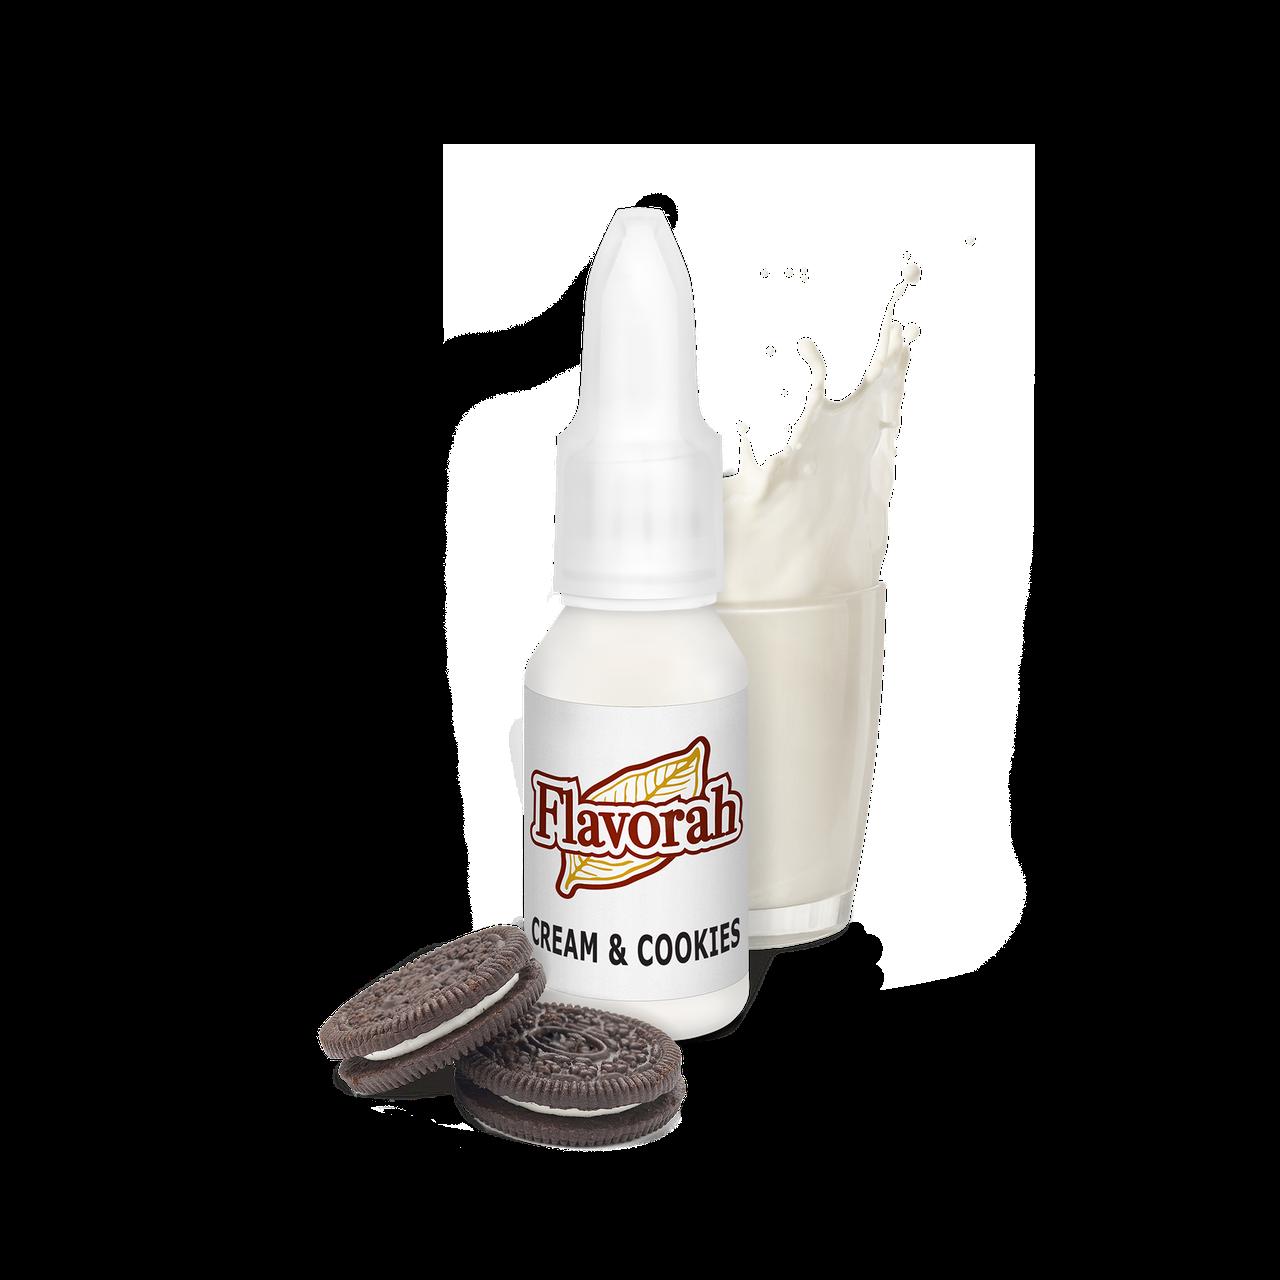 Ароматизатор Flavorah - Cream & Cookies (Печенье с кремом), 15 мл.